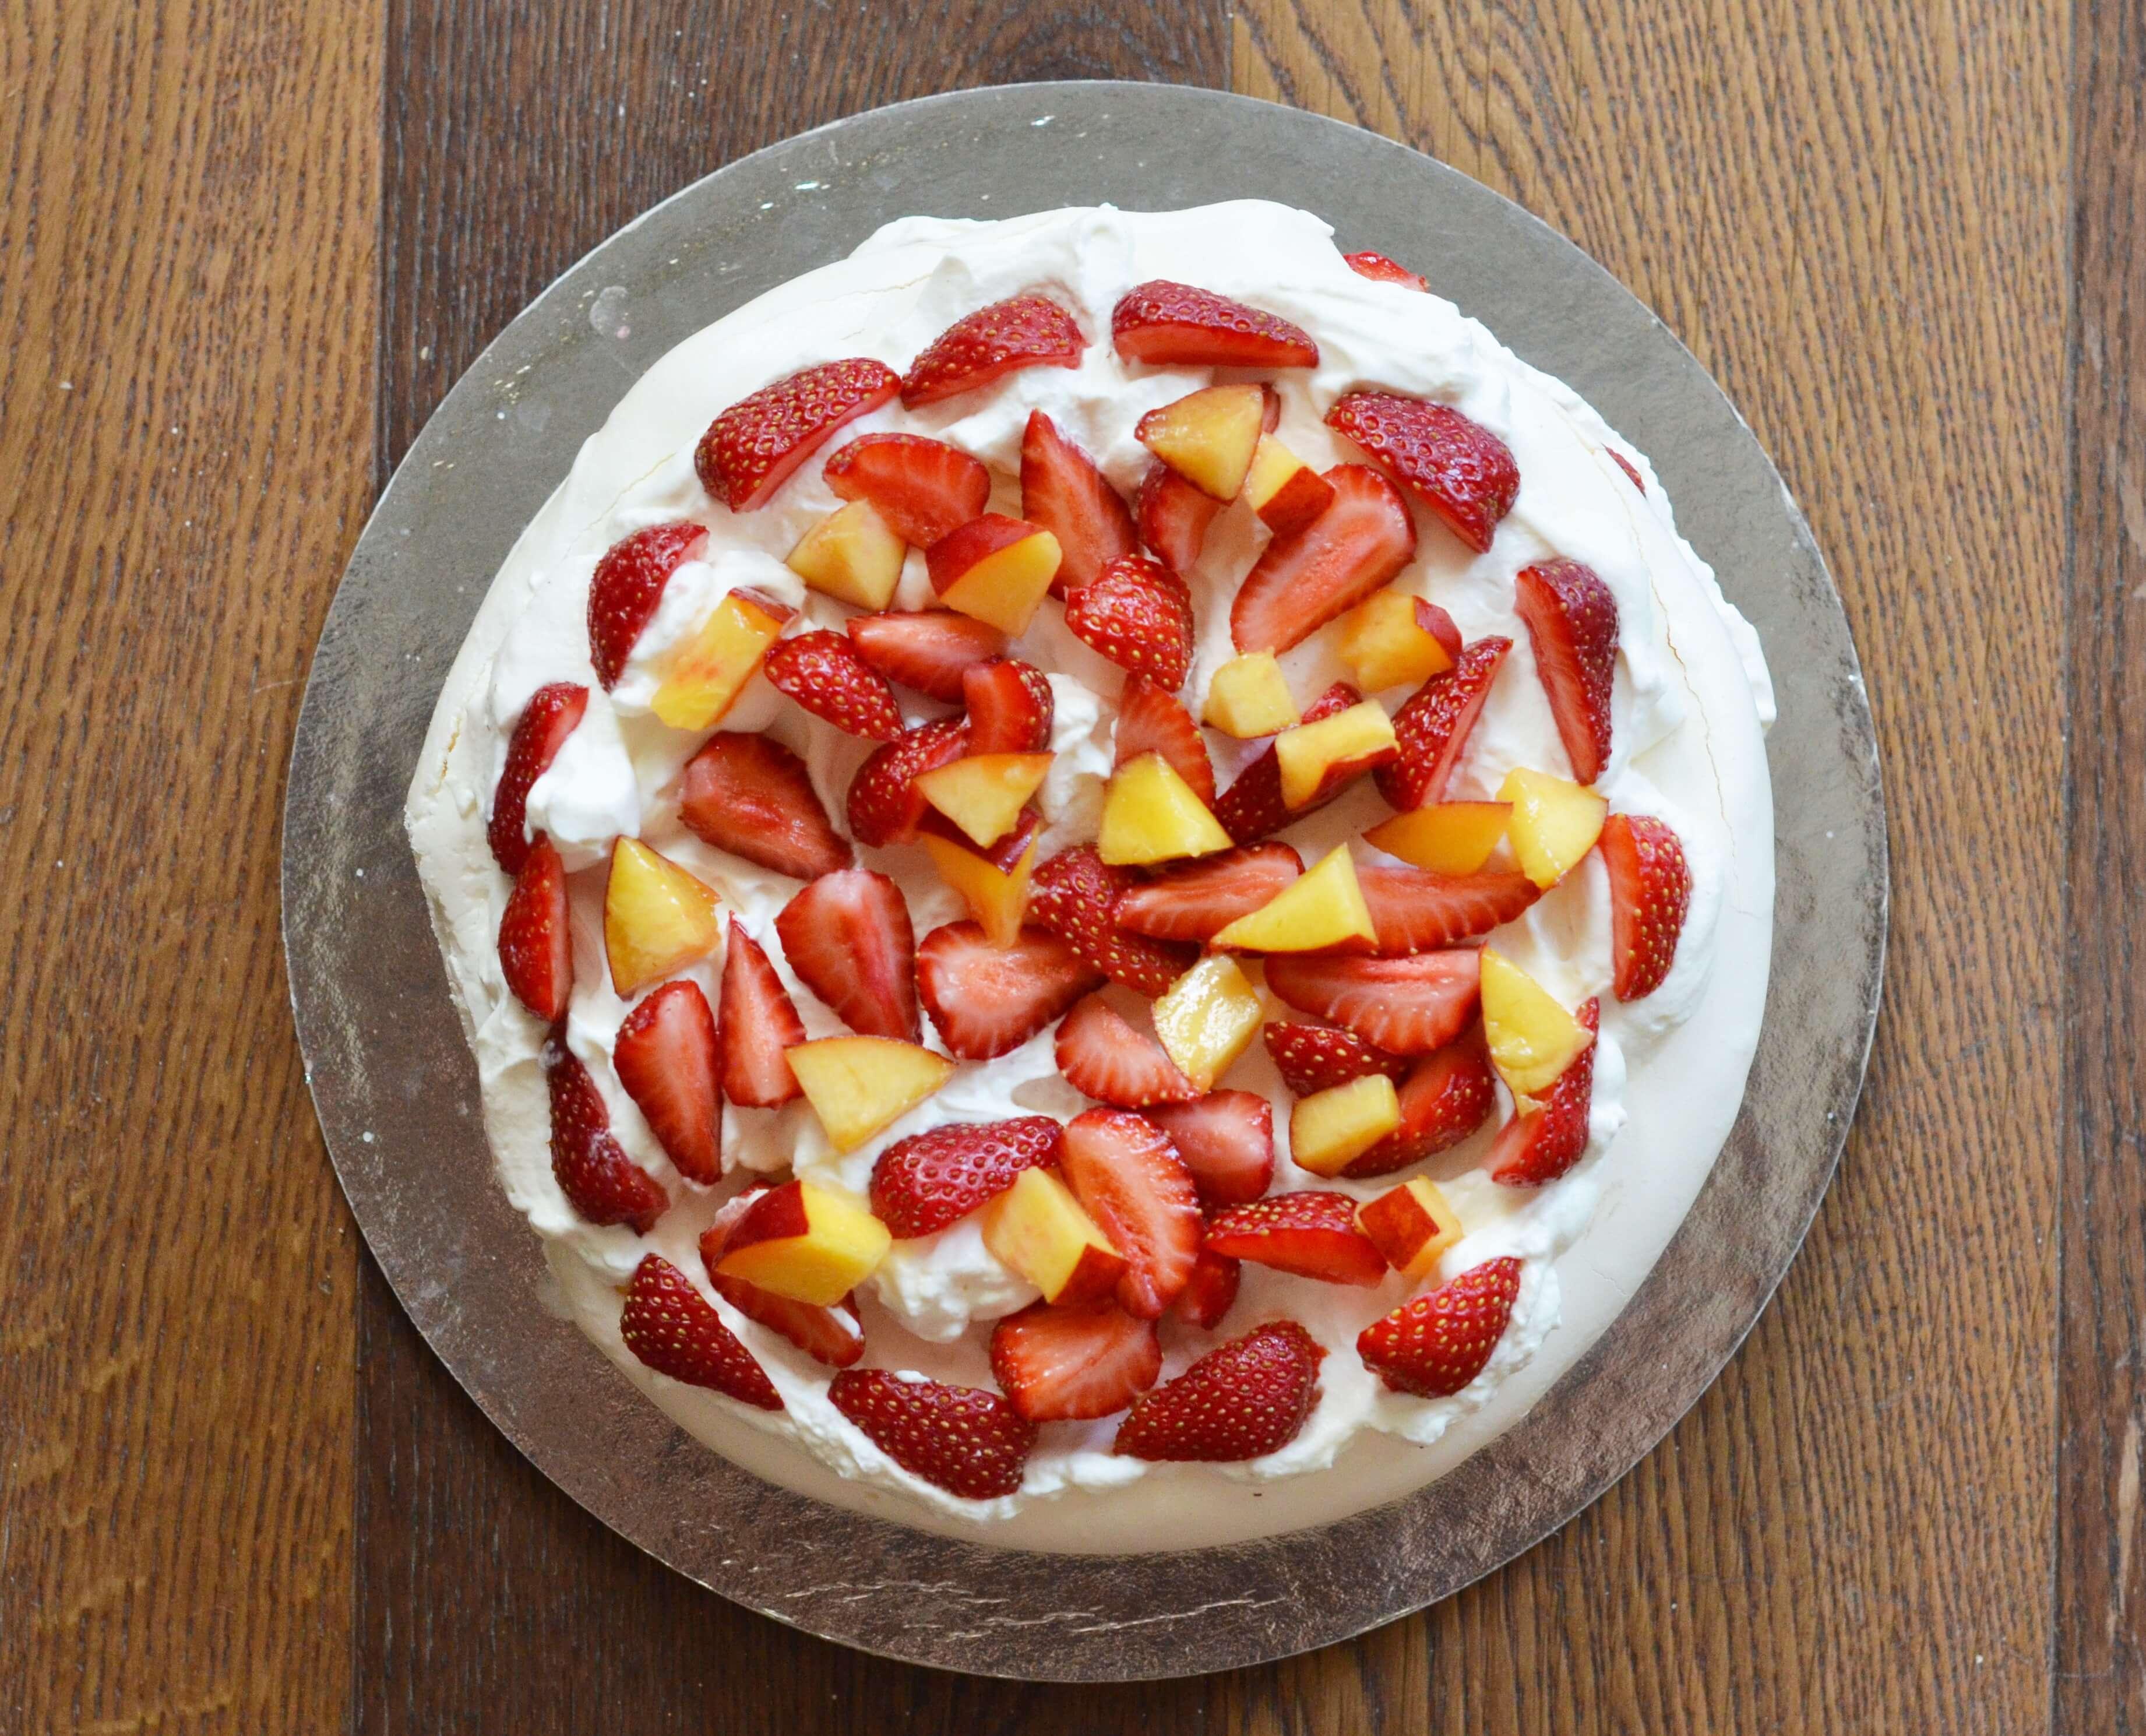 több szintes pavlova-torta készítése házilag